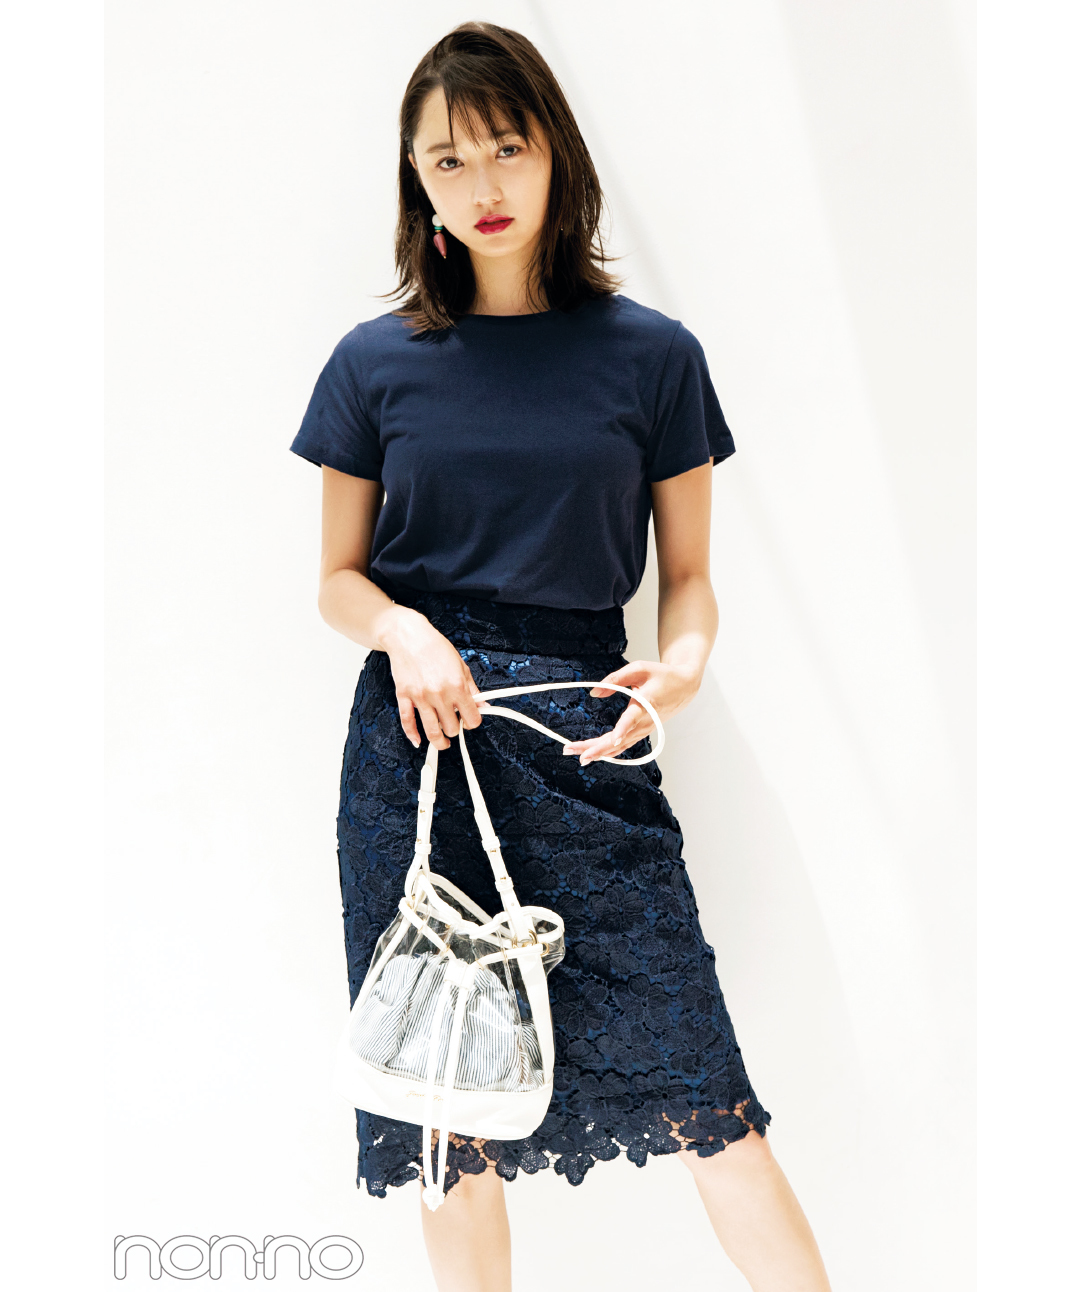 ネイビーの無地Tシャツなのに女っぽコーデ♡鈴木友菜が5通りに着回し!_1_3-3